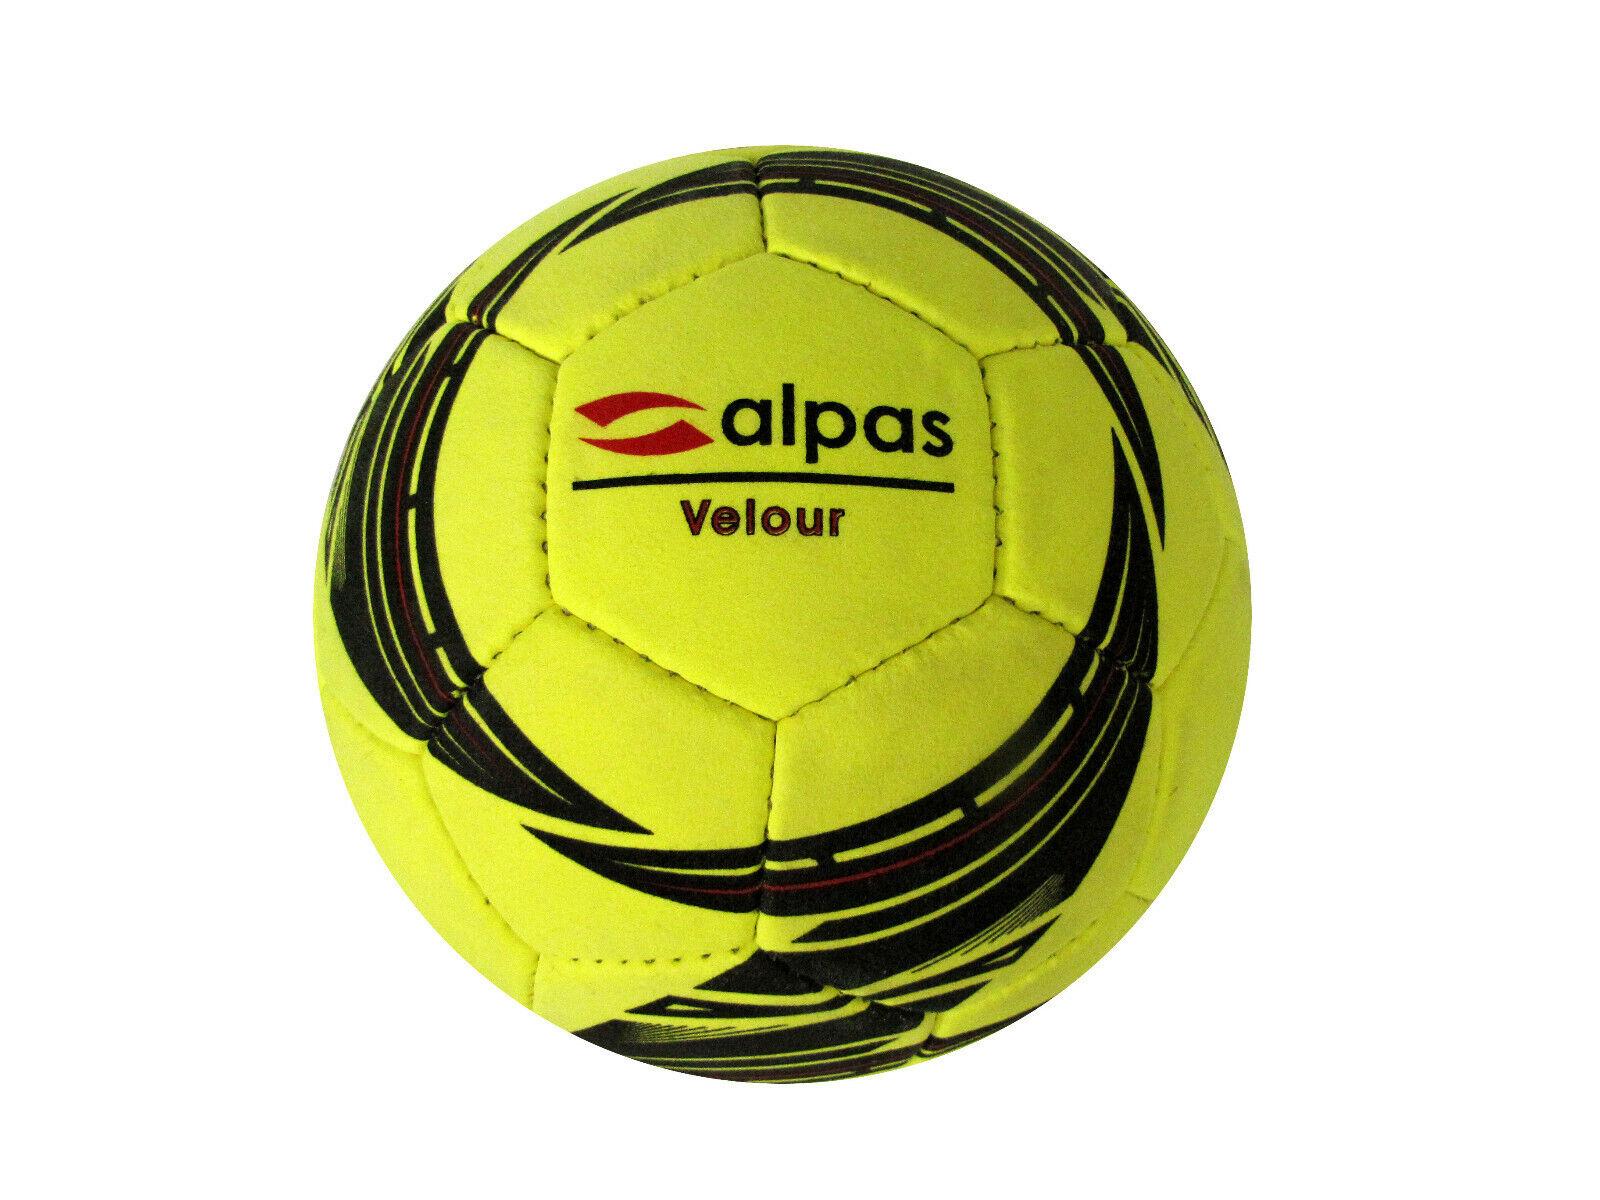 Hallenfußball / Indoor-Fußball Alpas - Größe 5